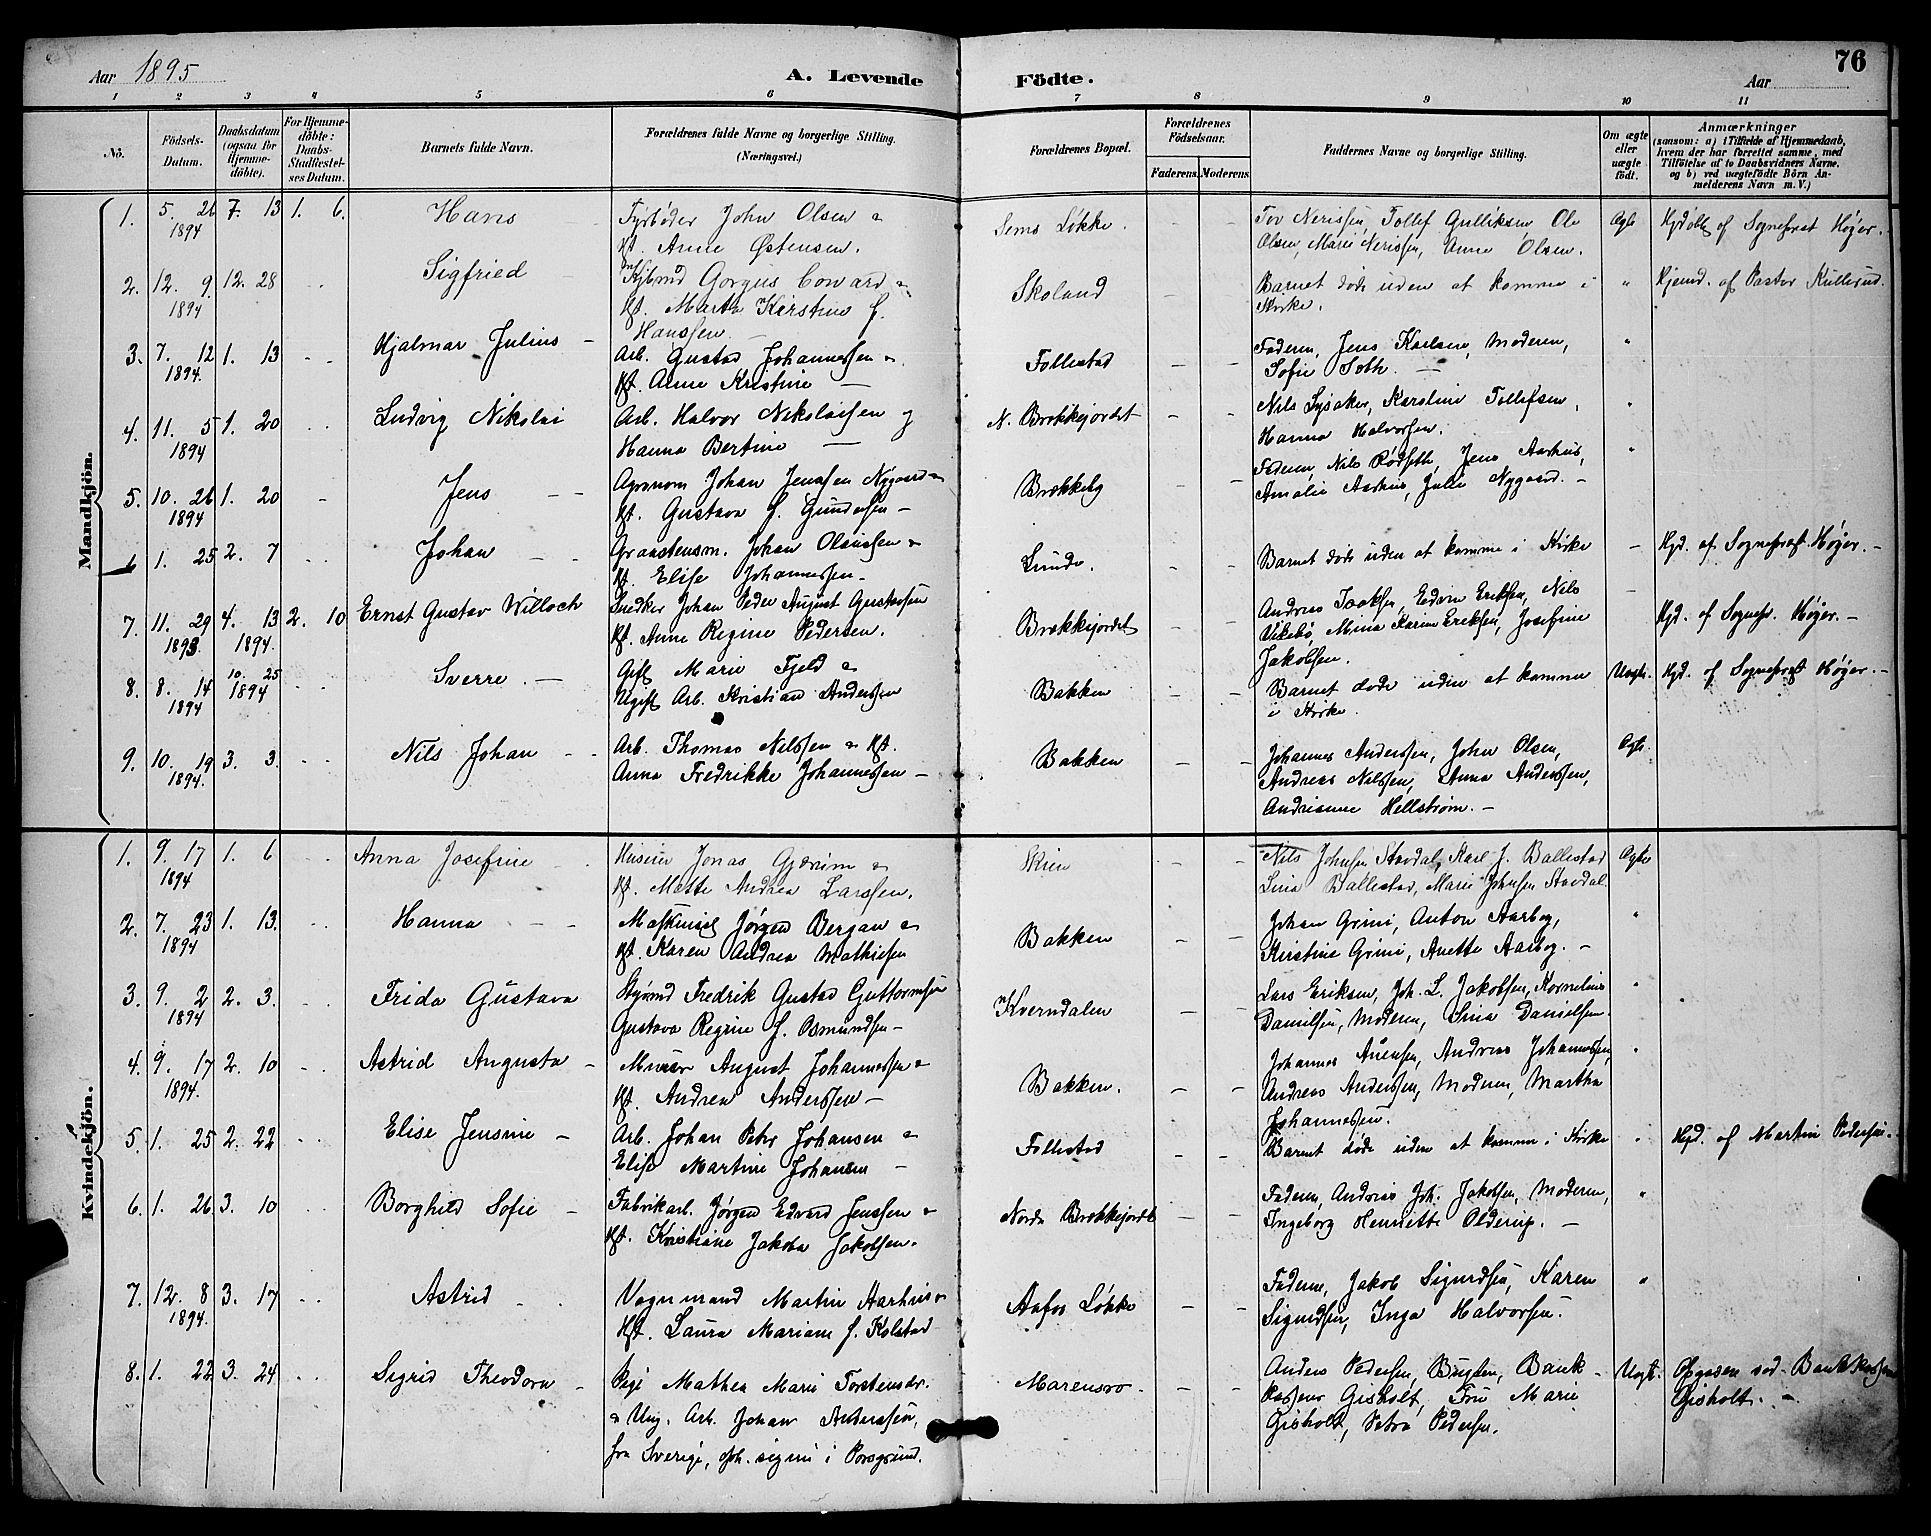 SAKO, Skien kirkebøker, G/Ga/L0007: Klokkerbok nr. 7, 1891-1900, s. 76